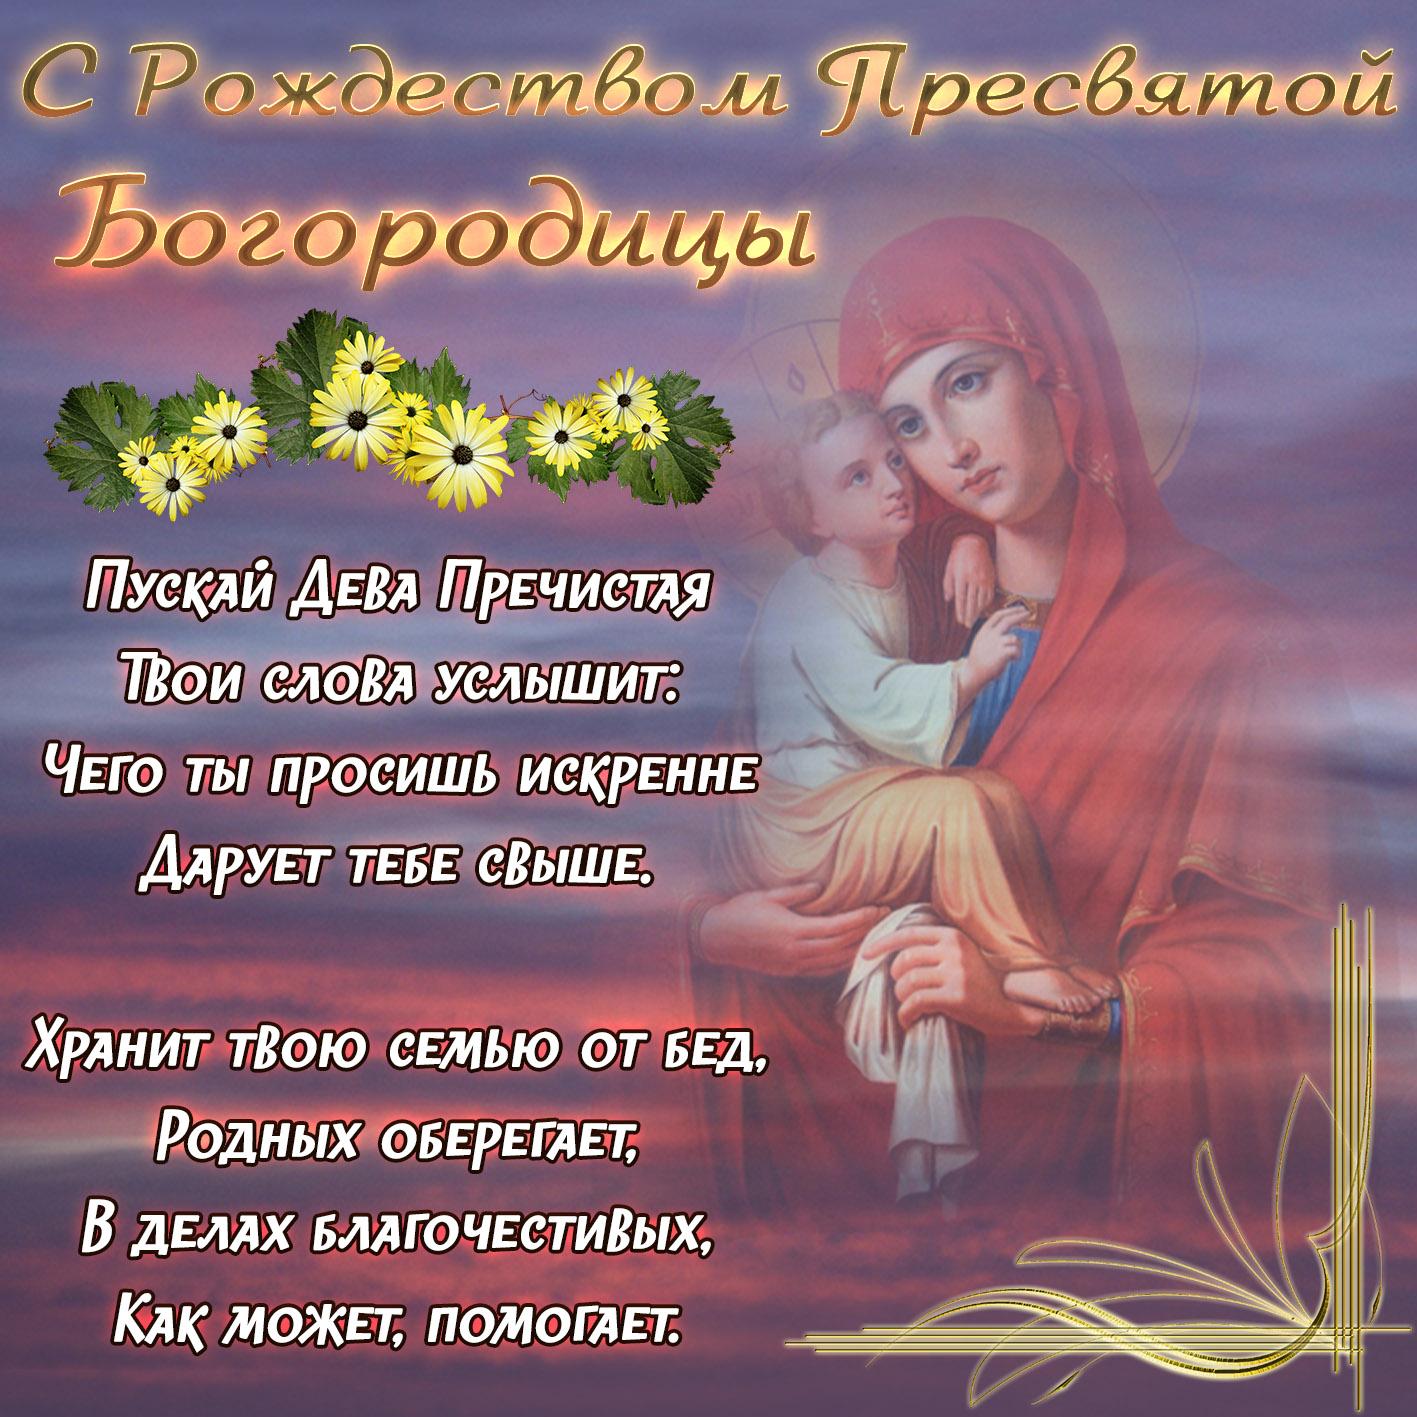 стихи на праздник пресвятой богородицы бюджетные бабки